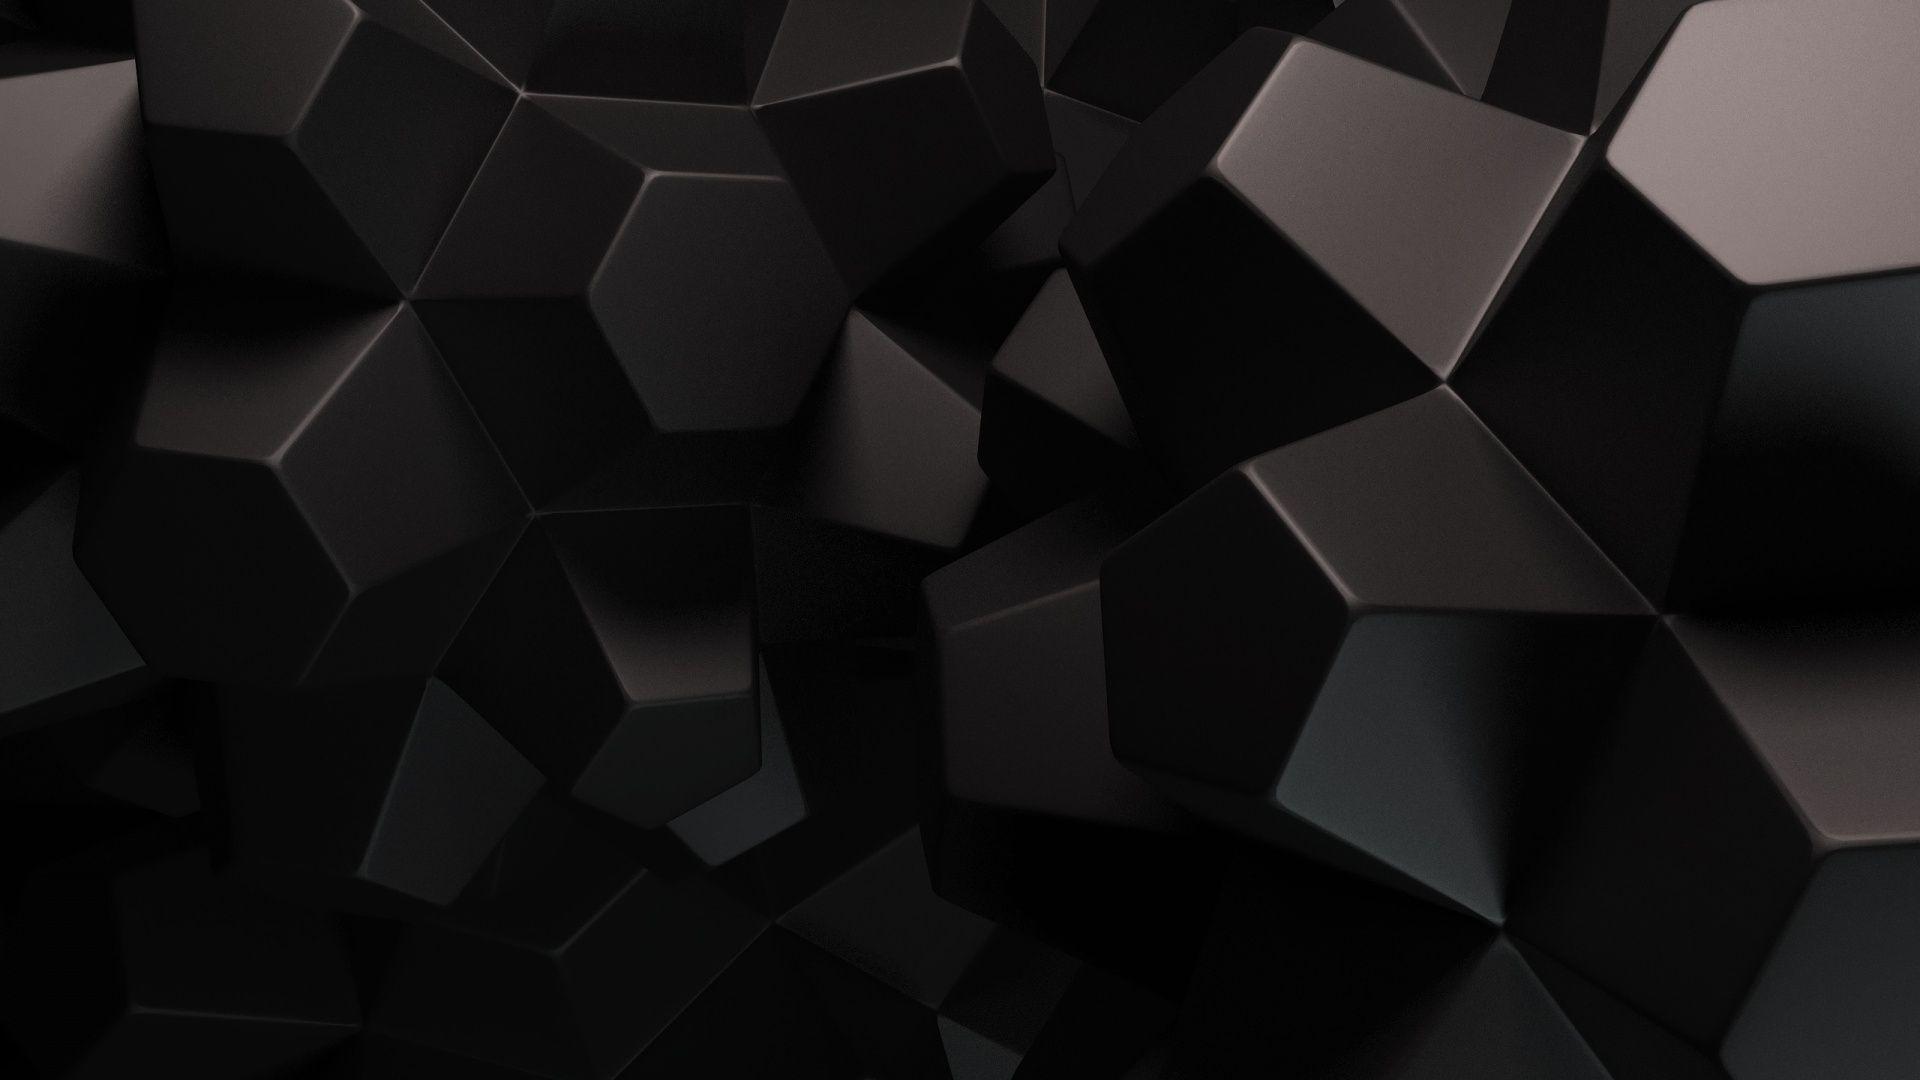 Amazing Crni Neobicni Oblici Wallpaper Hd Pozadine Check More At Http Pozadine Info 3d Crni Neobicni Oblici